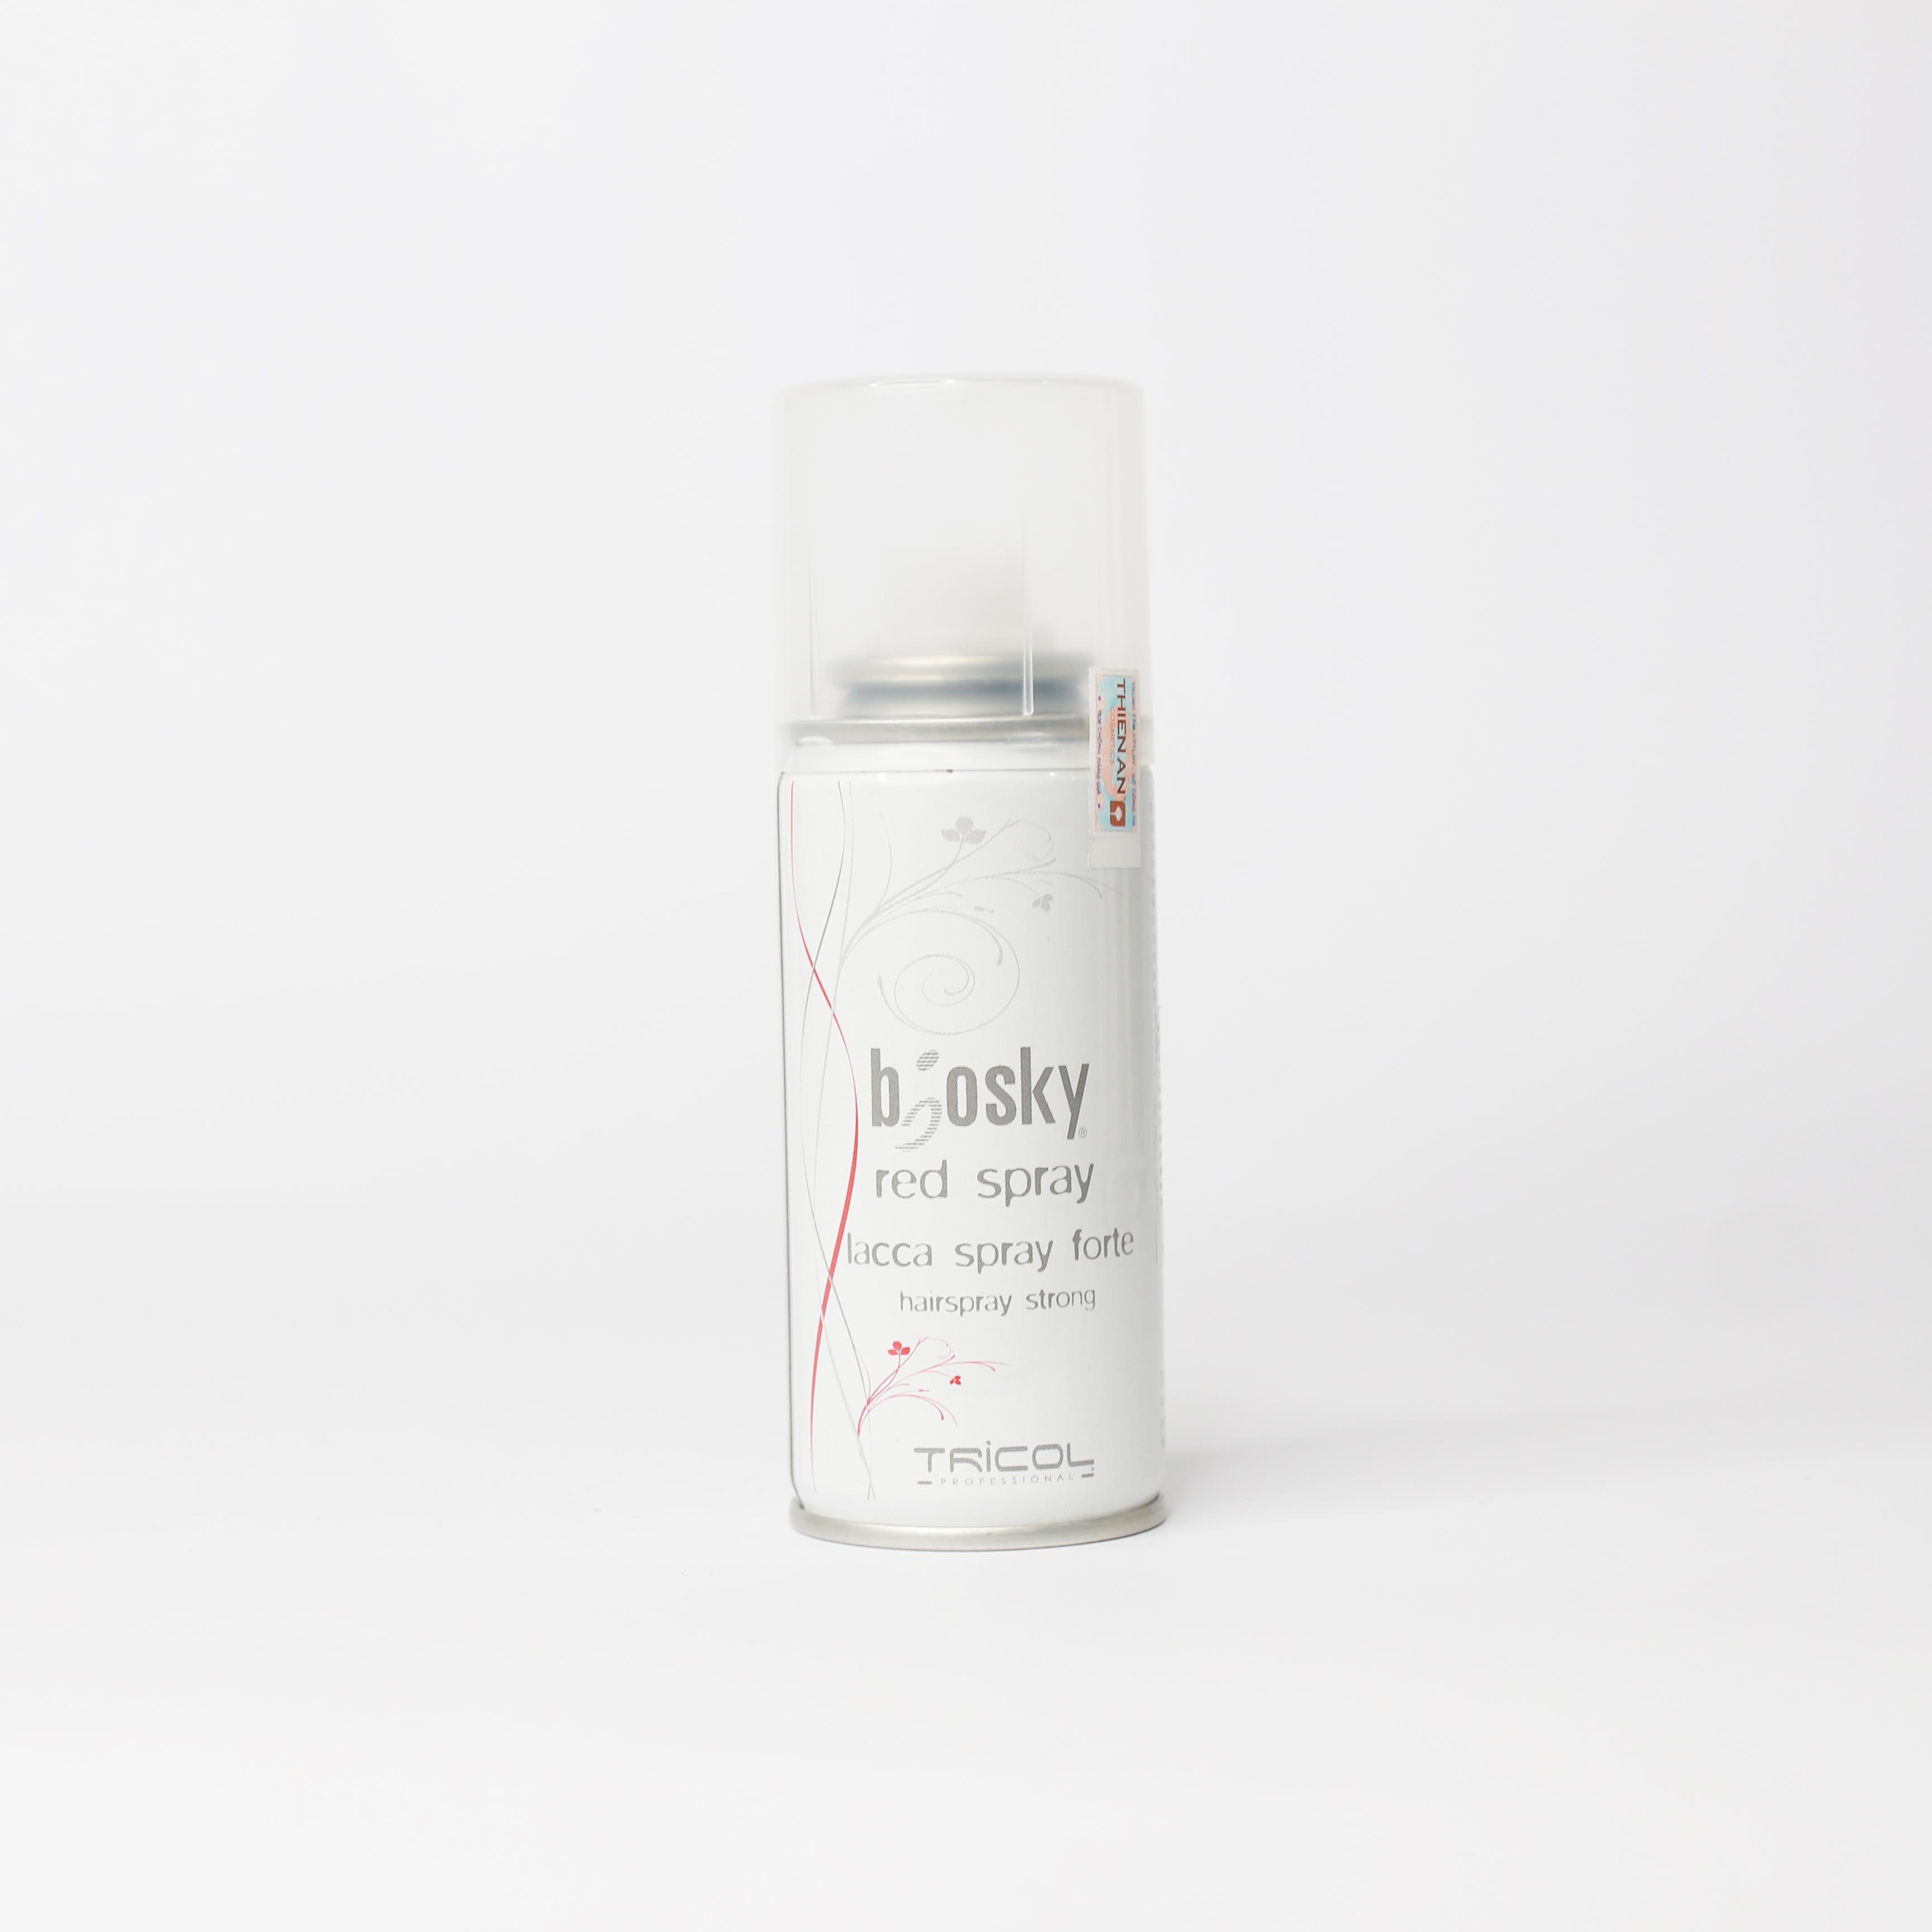 Hàng Ý nhập khẩu Gôm xịt tạo kiểu cứng Red Spray 100 ml - BITRESS10 giá rẻ